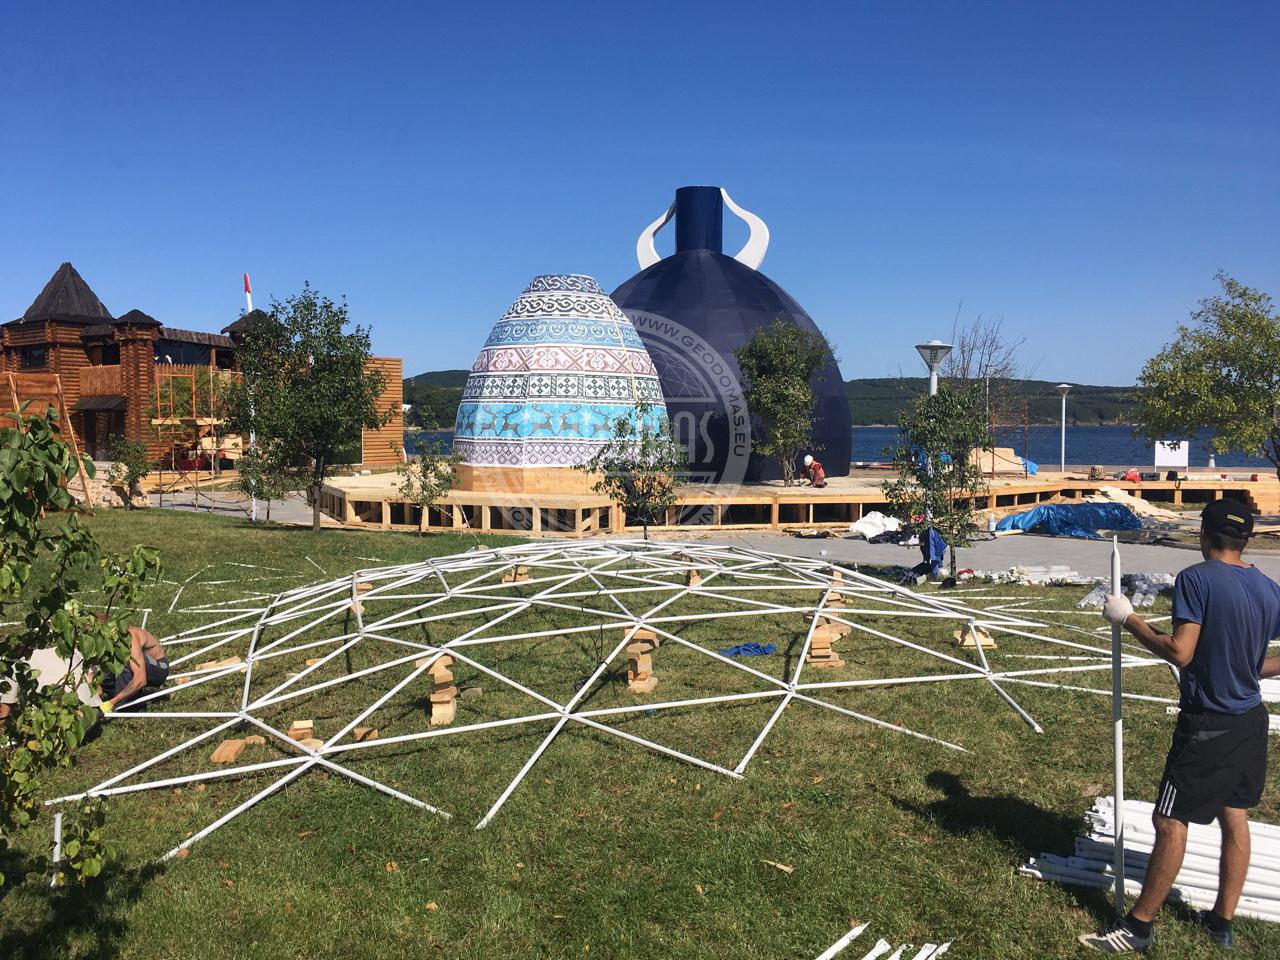 Wschodnie Forum Ekonomiczne 2017 | Ø22m Namiot Kulisty, Władywostok, Rosja